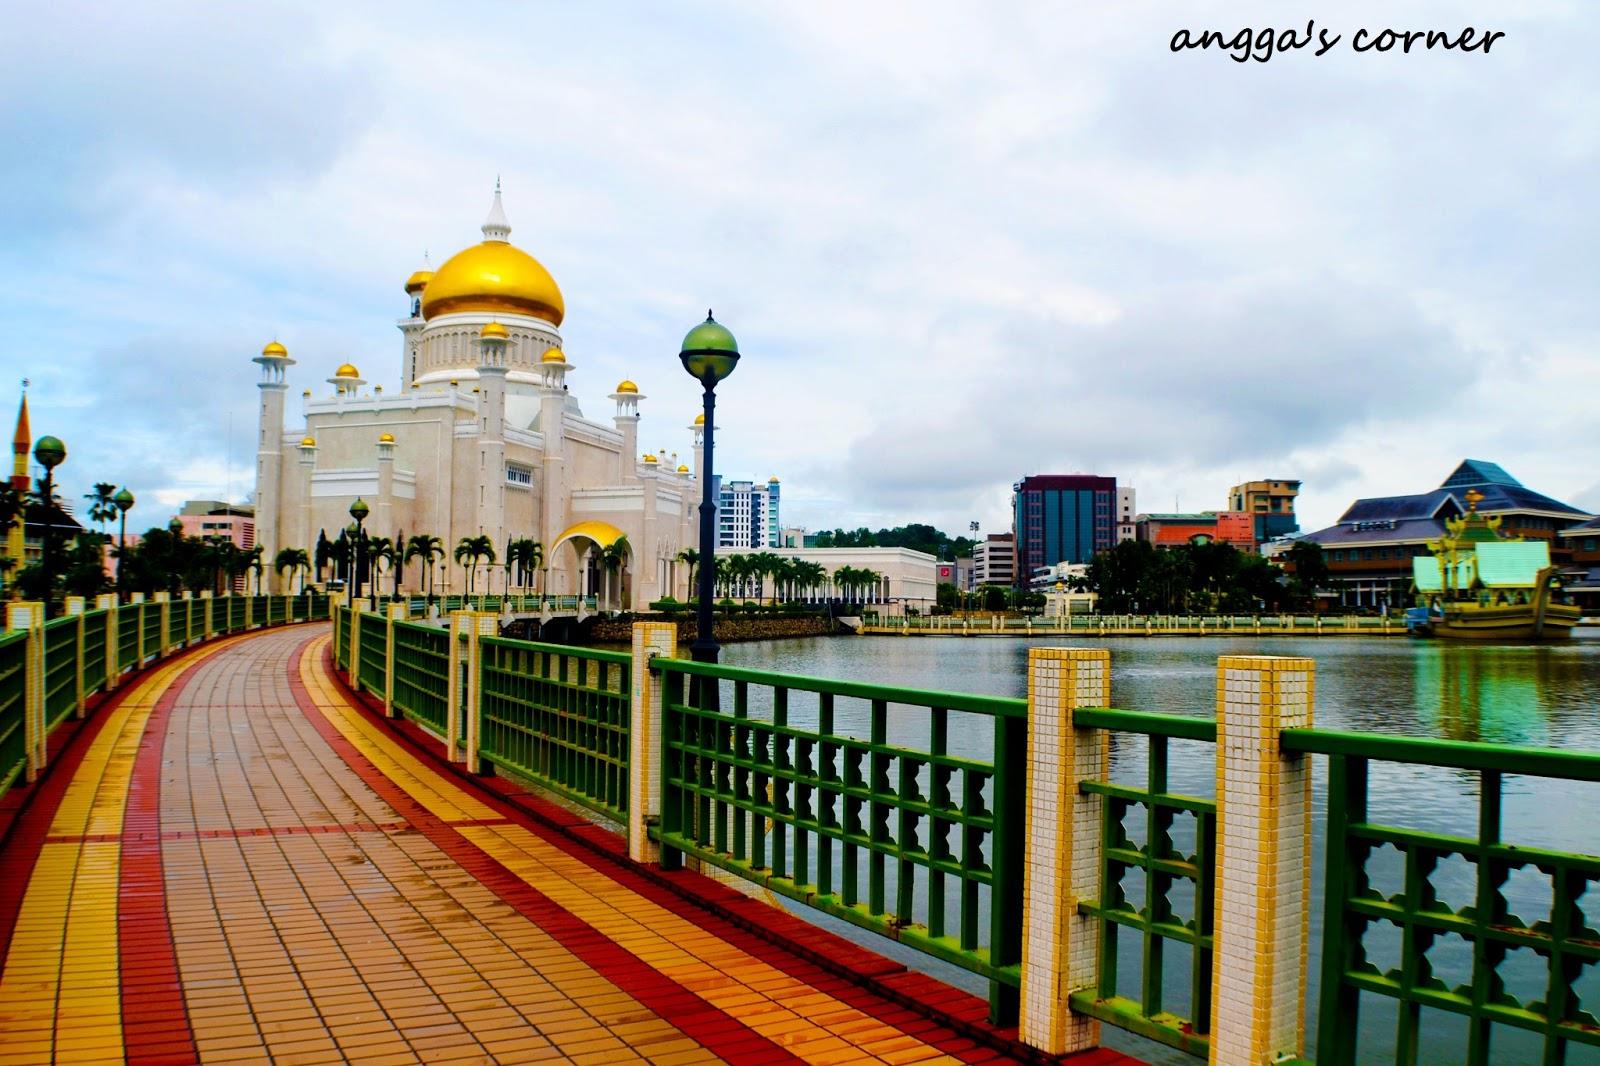 masjid ini dinamai berdasarkan omar ali syaifuddin 3 sultan brunei ke 28 yang mendominasi pemandangan kota bandar seri begawan melambangkan